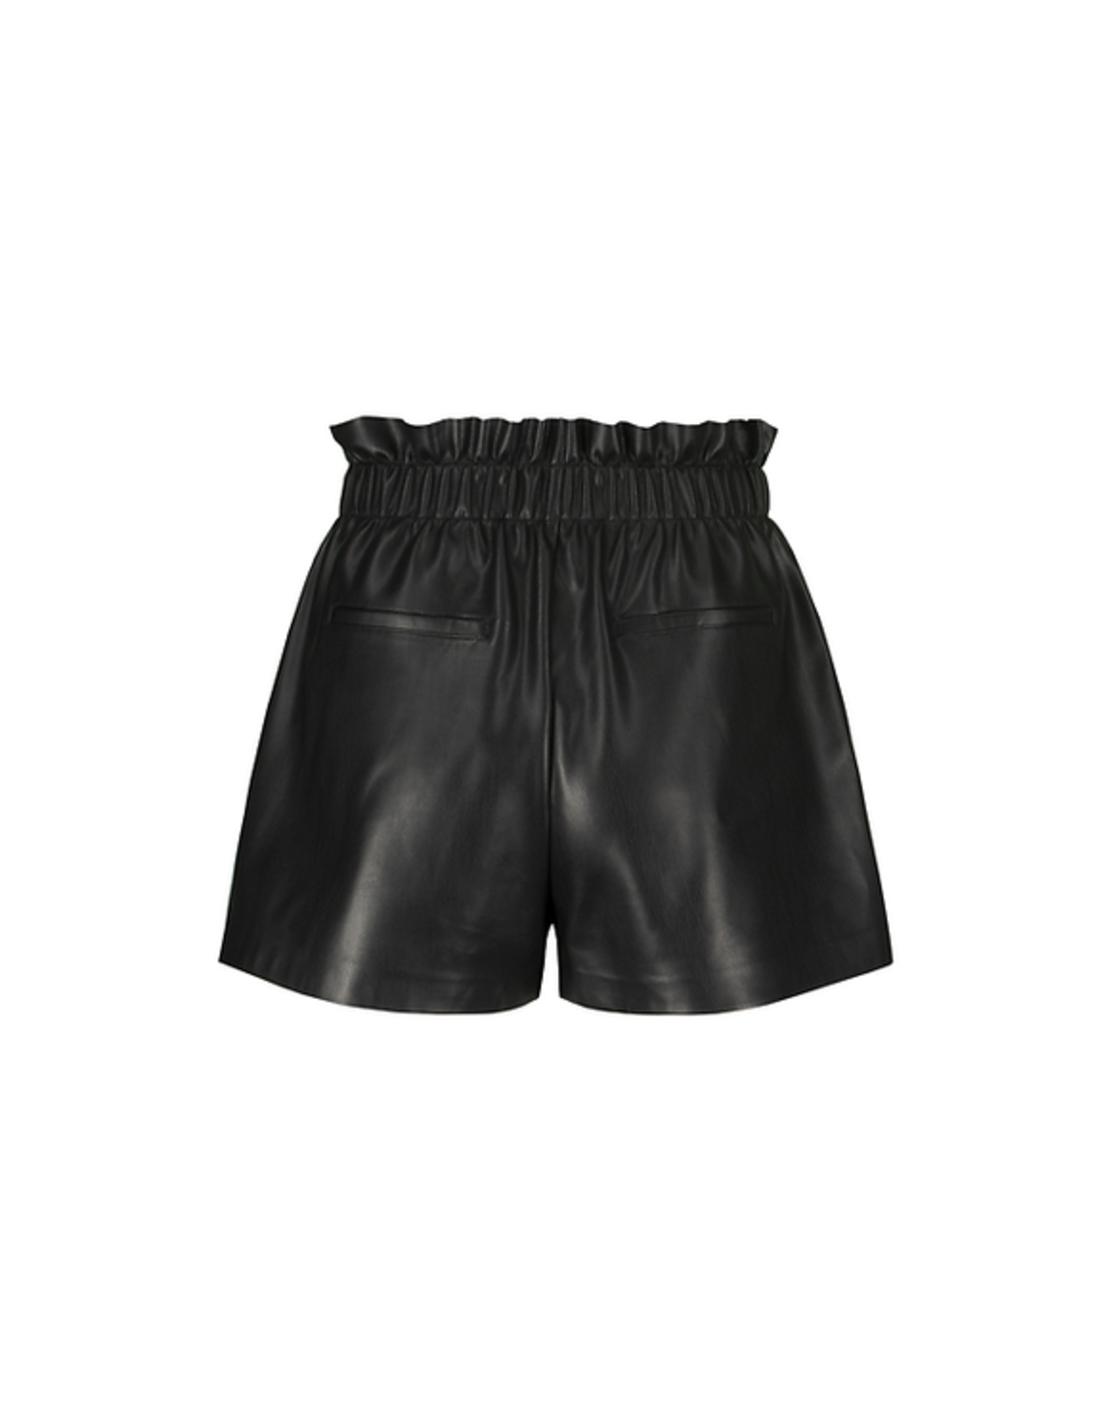 מכנסיים שורט דמוי עור SSHPUJIO -HH